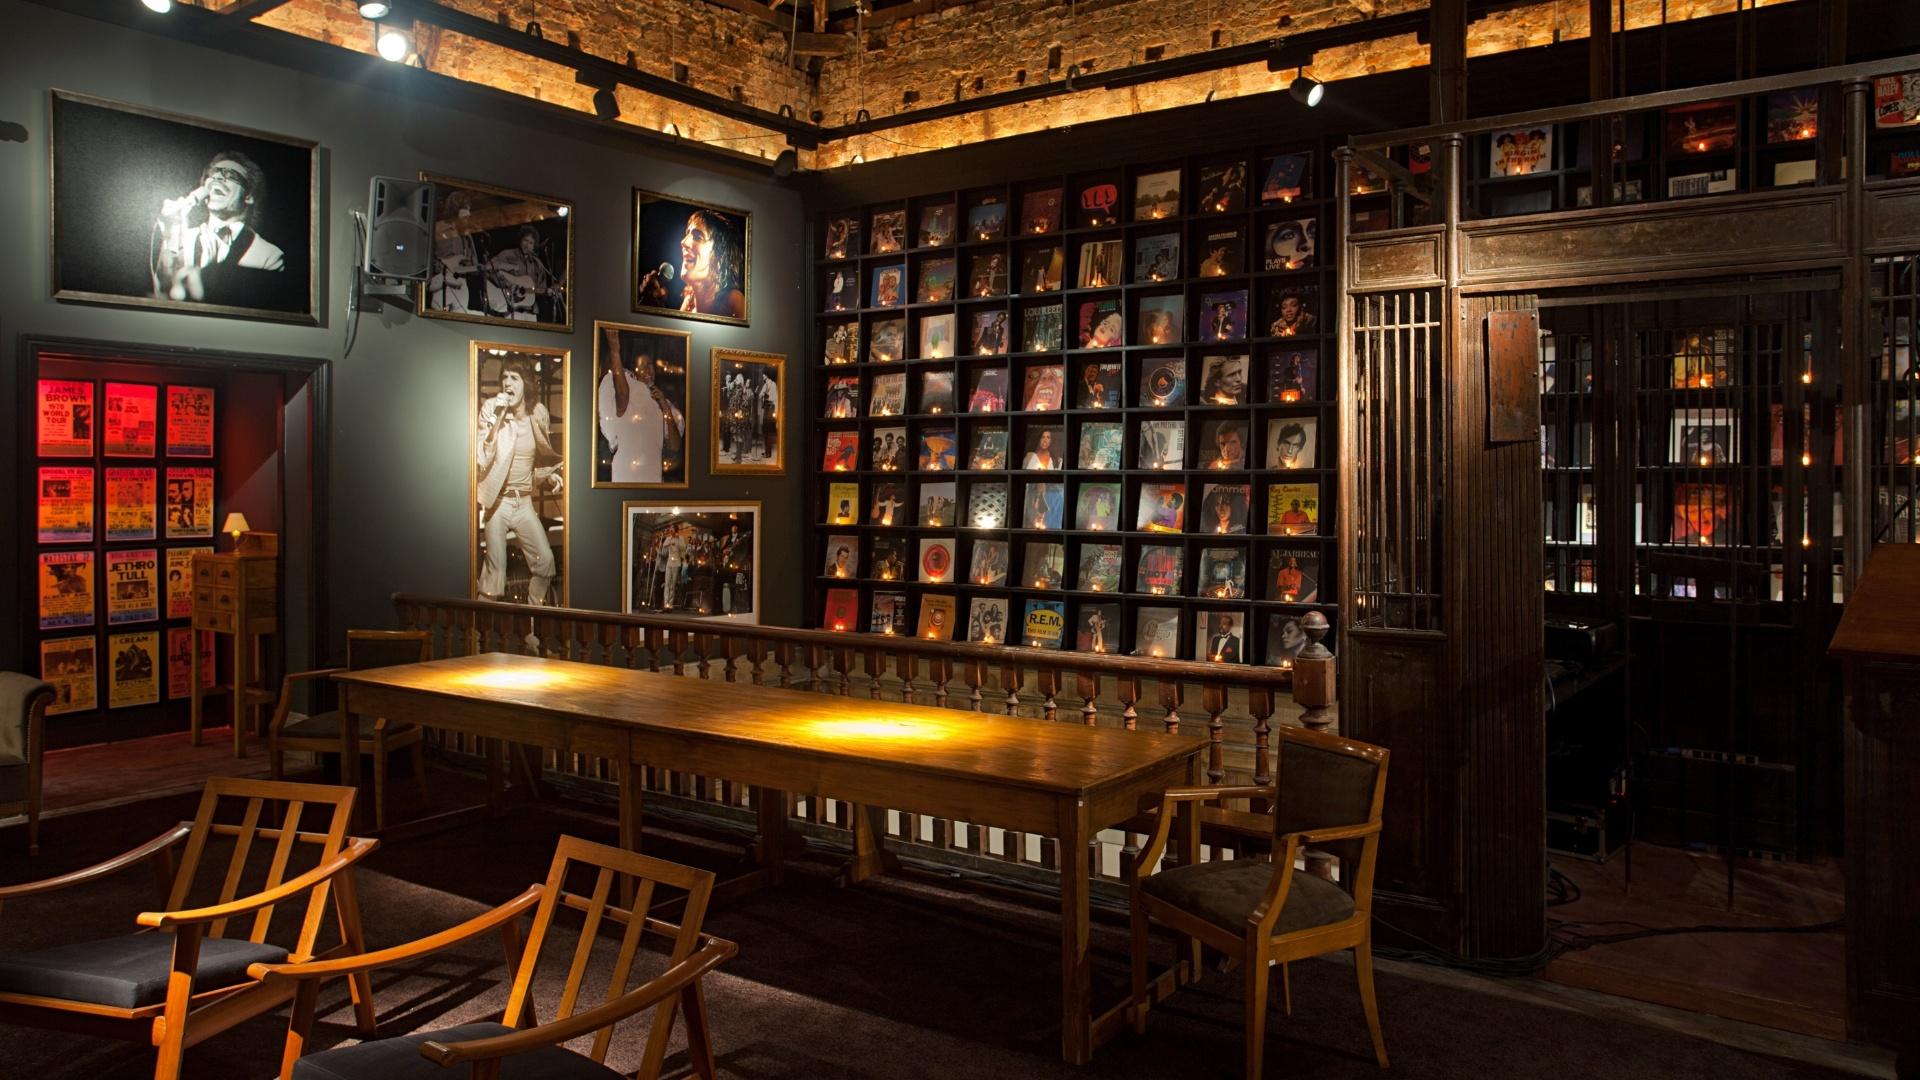 Beto Figueiredo e Luiz Eduardo Almeida criaram o Flash Back Bar, um ambiente em penumbra que possui uma grande estante com capas de discos icônicos. A Casa Cor RJ vai de 03 de outubro a 19 de novembro de 2012, no Rio de Janeiro